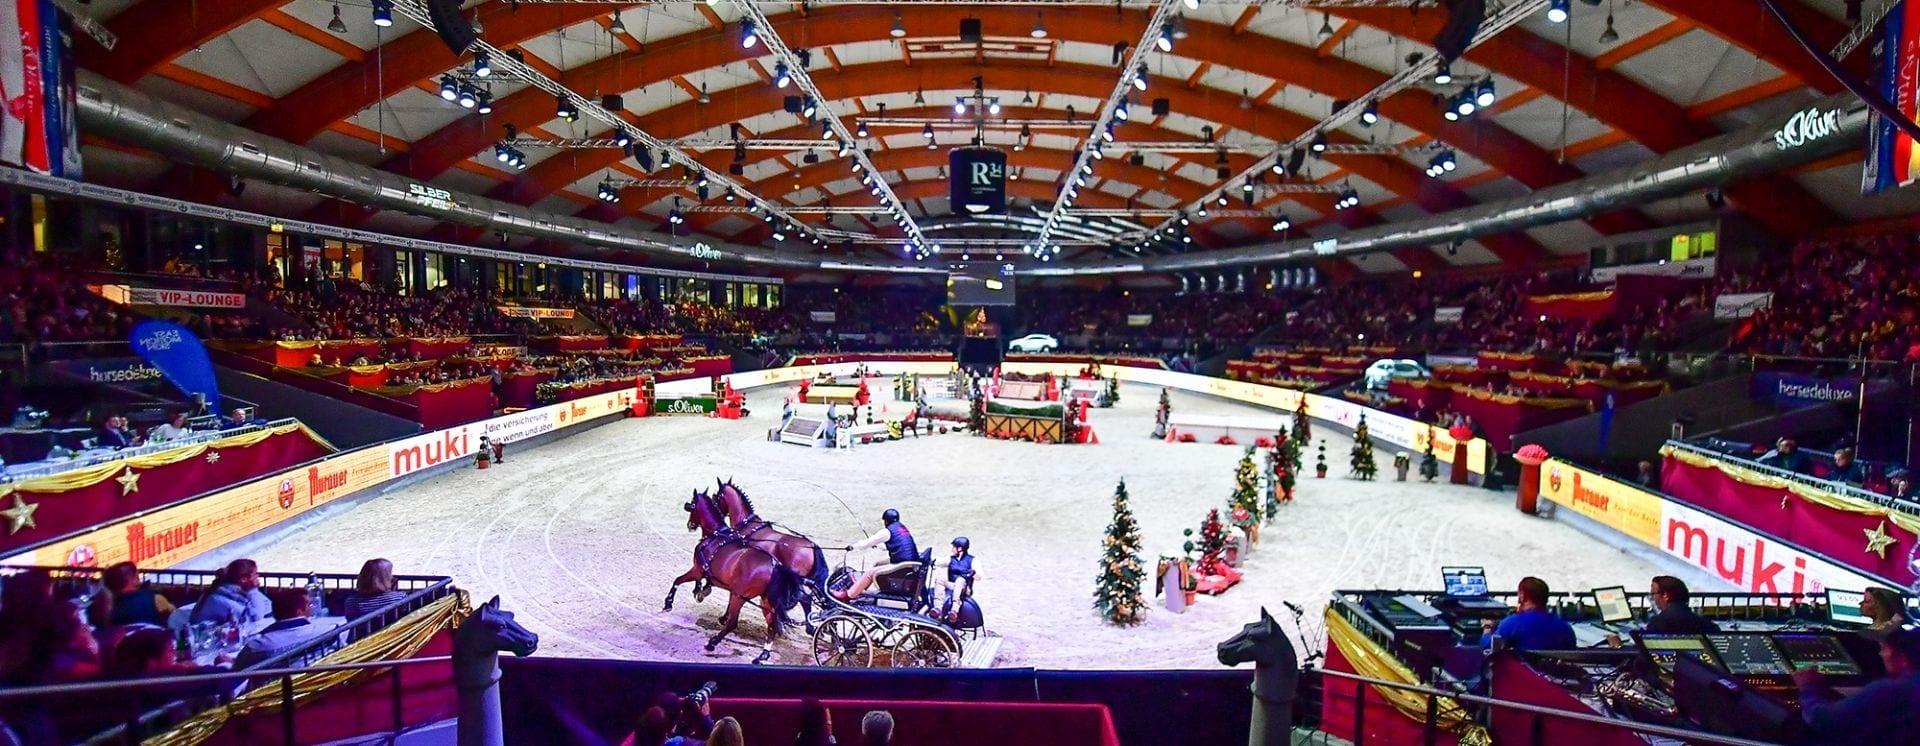 Ein buntes Programm für die Groß und Klein gibt es nahezu rund um die Uhr bei der Amadeus Horse Indoors von 07.-10.Dezember in Salzburg. © im|press|ions – Daniel Kaiser